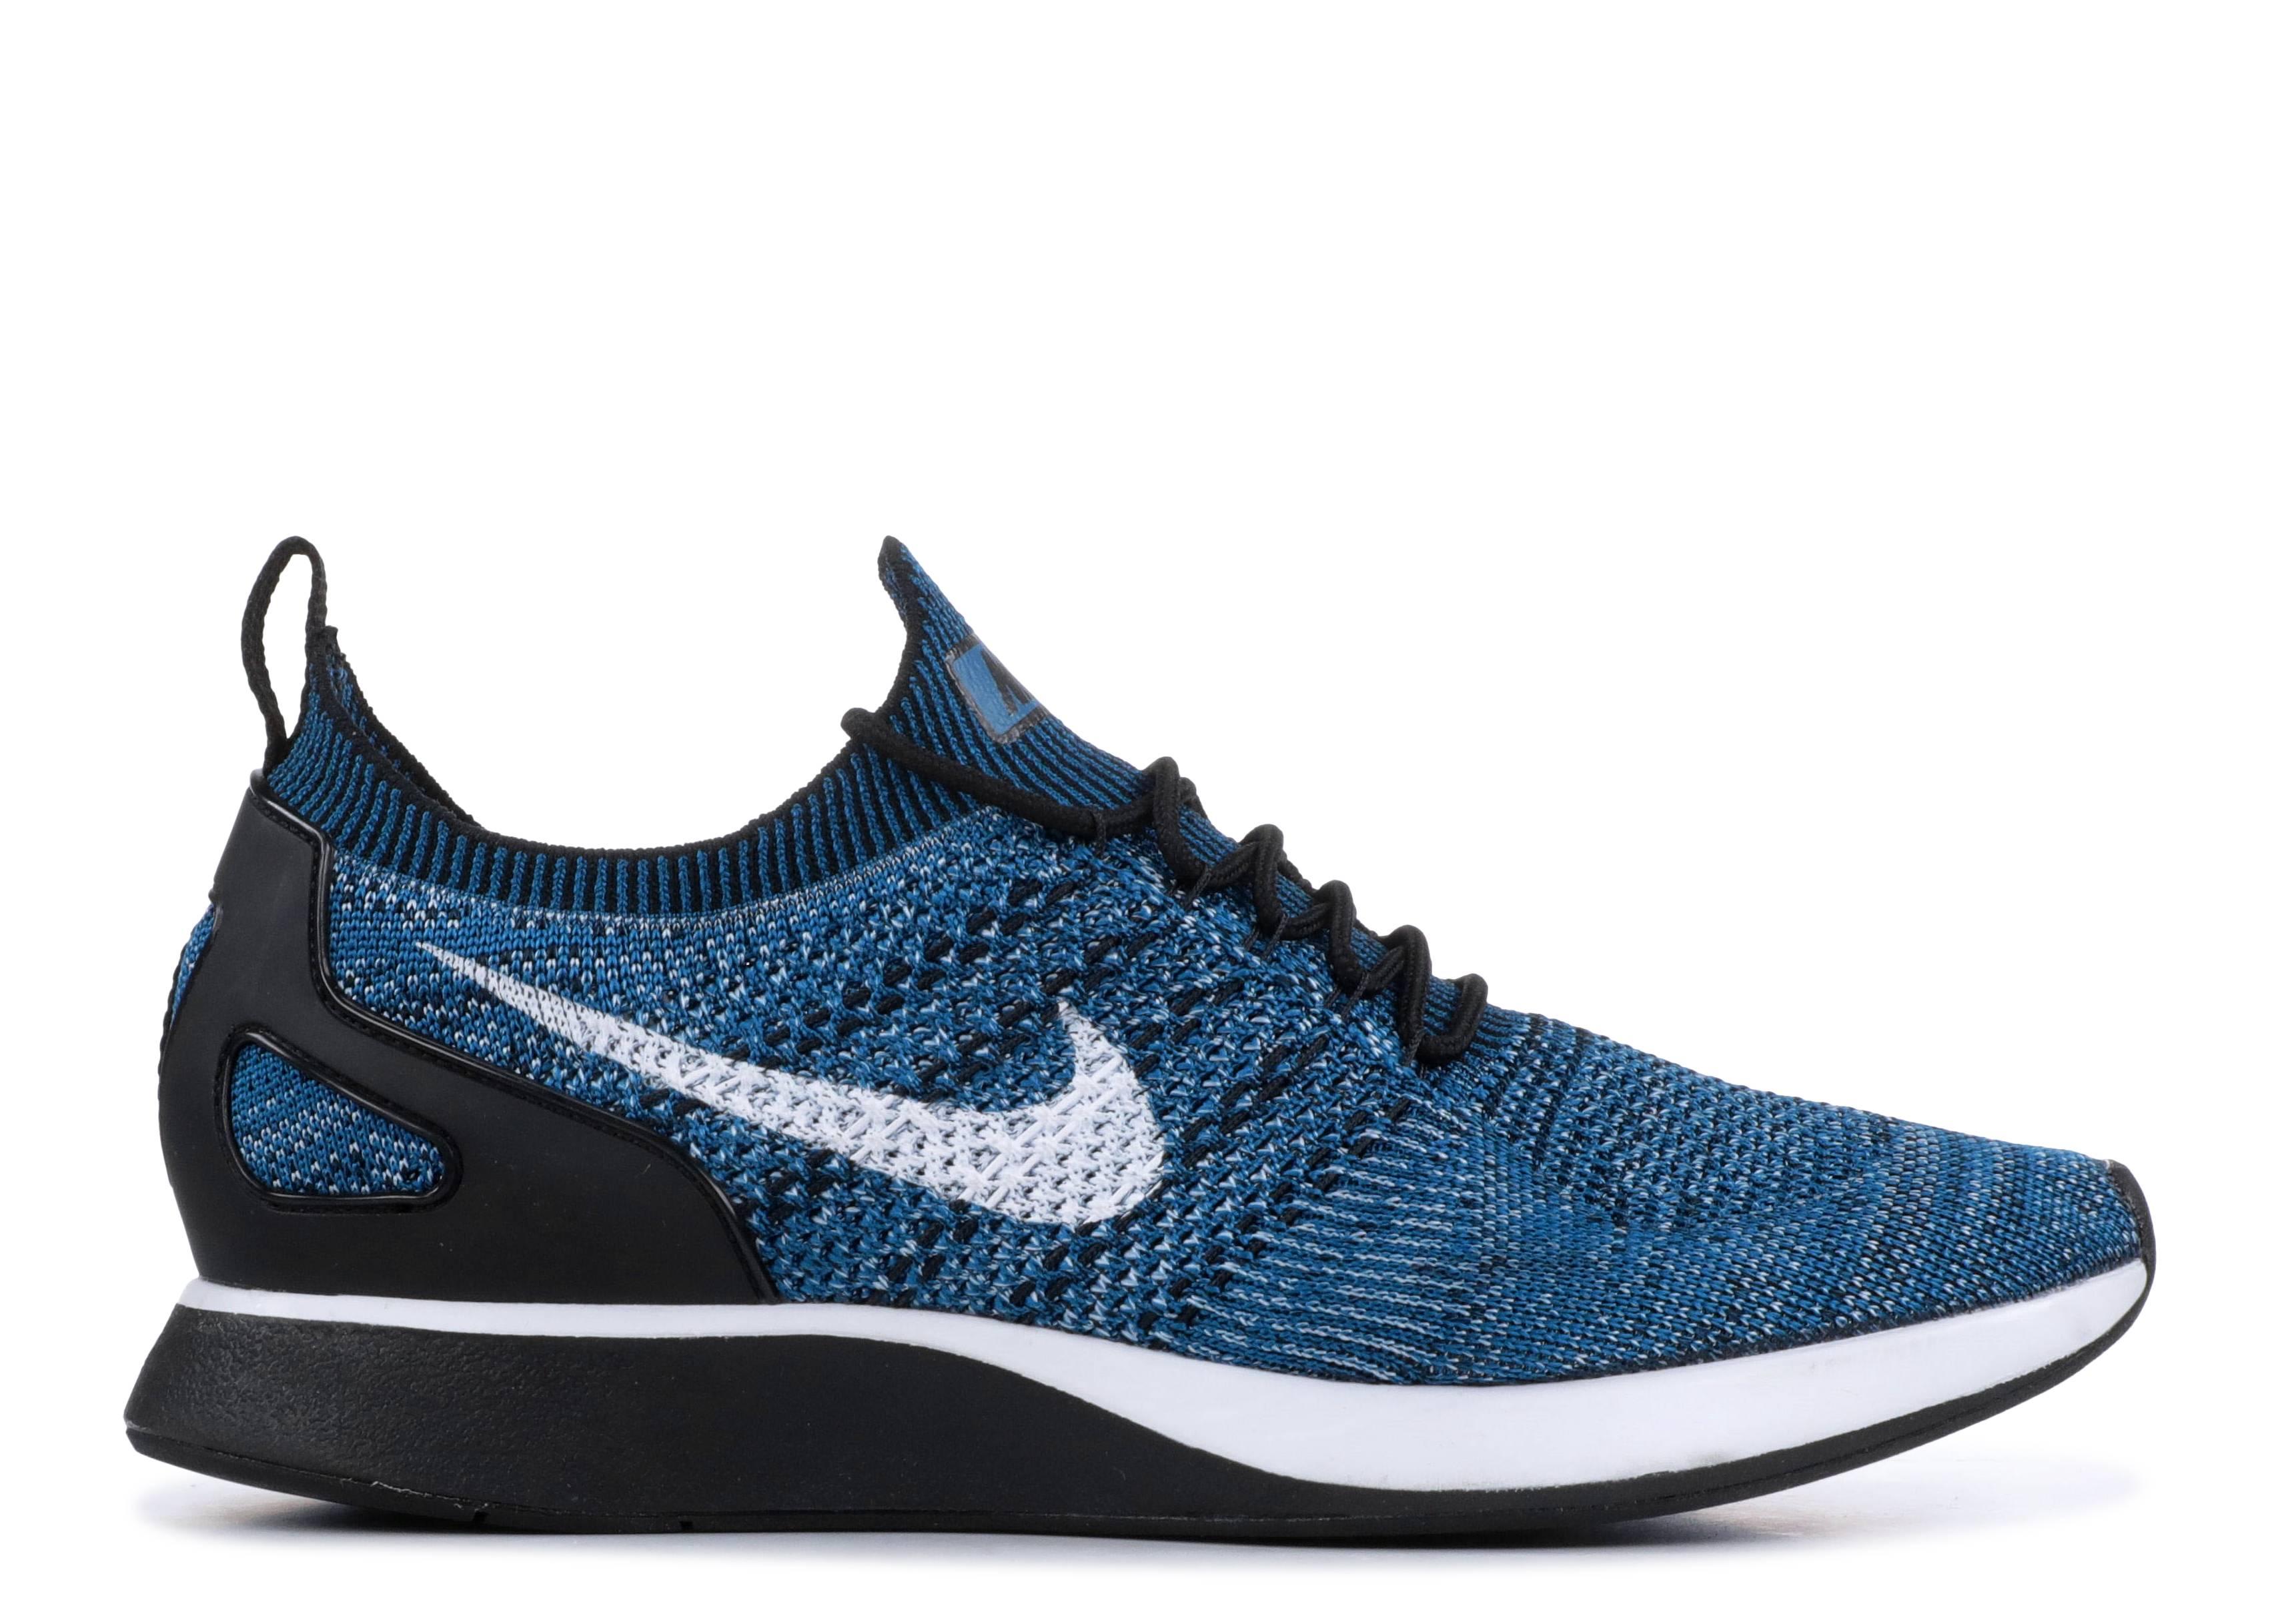 hot sale online 5c63c 24878 Nike Air Zoom Mariah Flyknit Racer